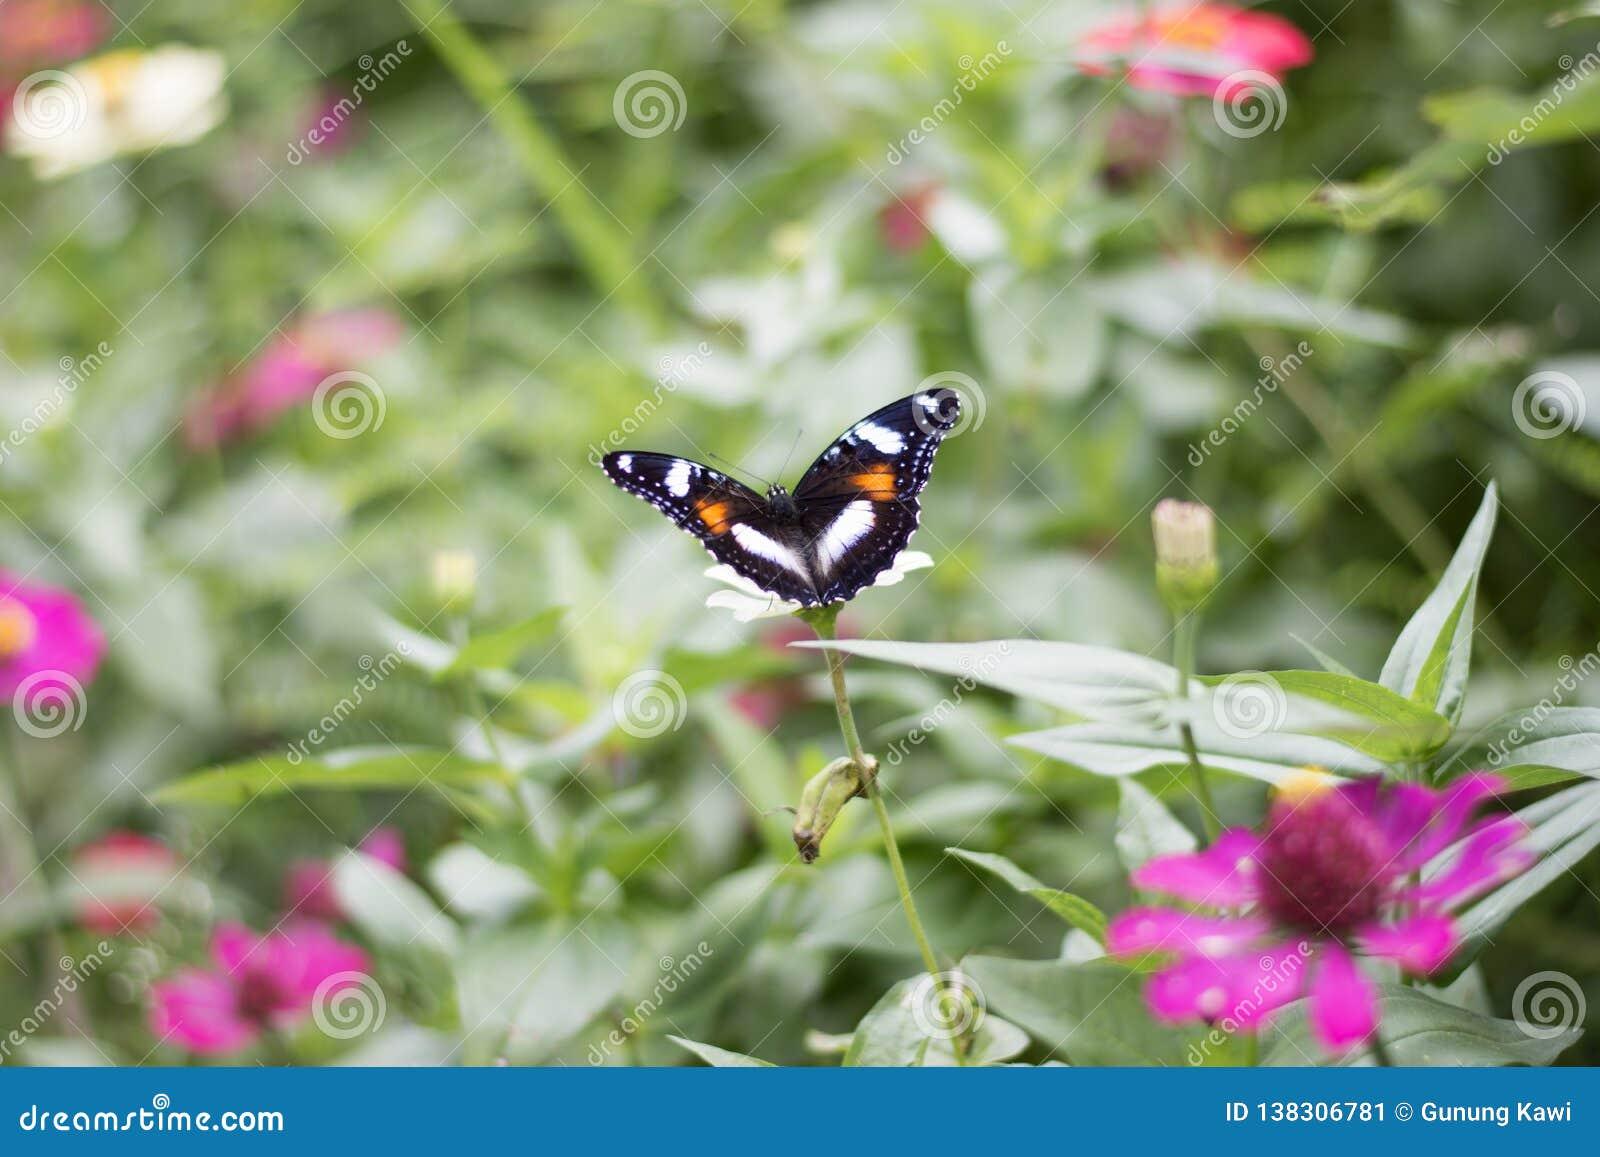 蝴蝶在花园里